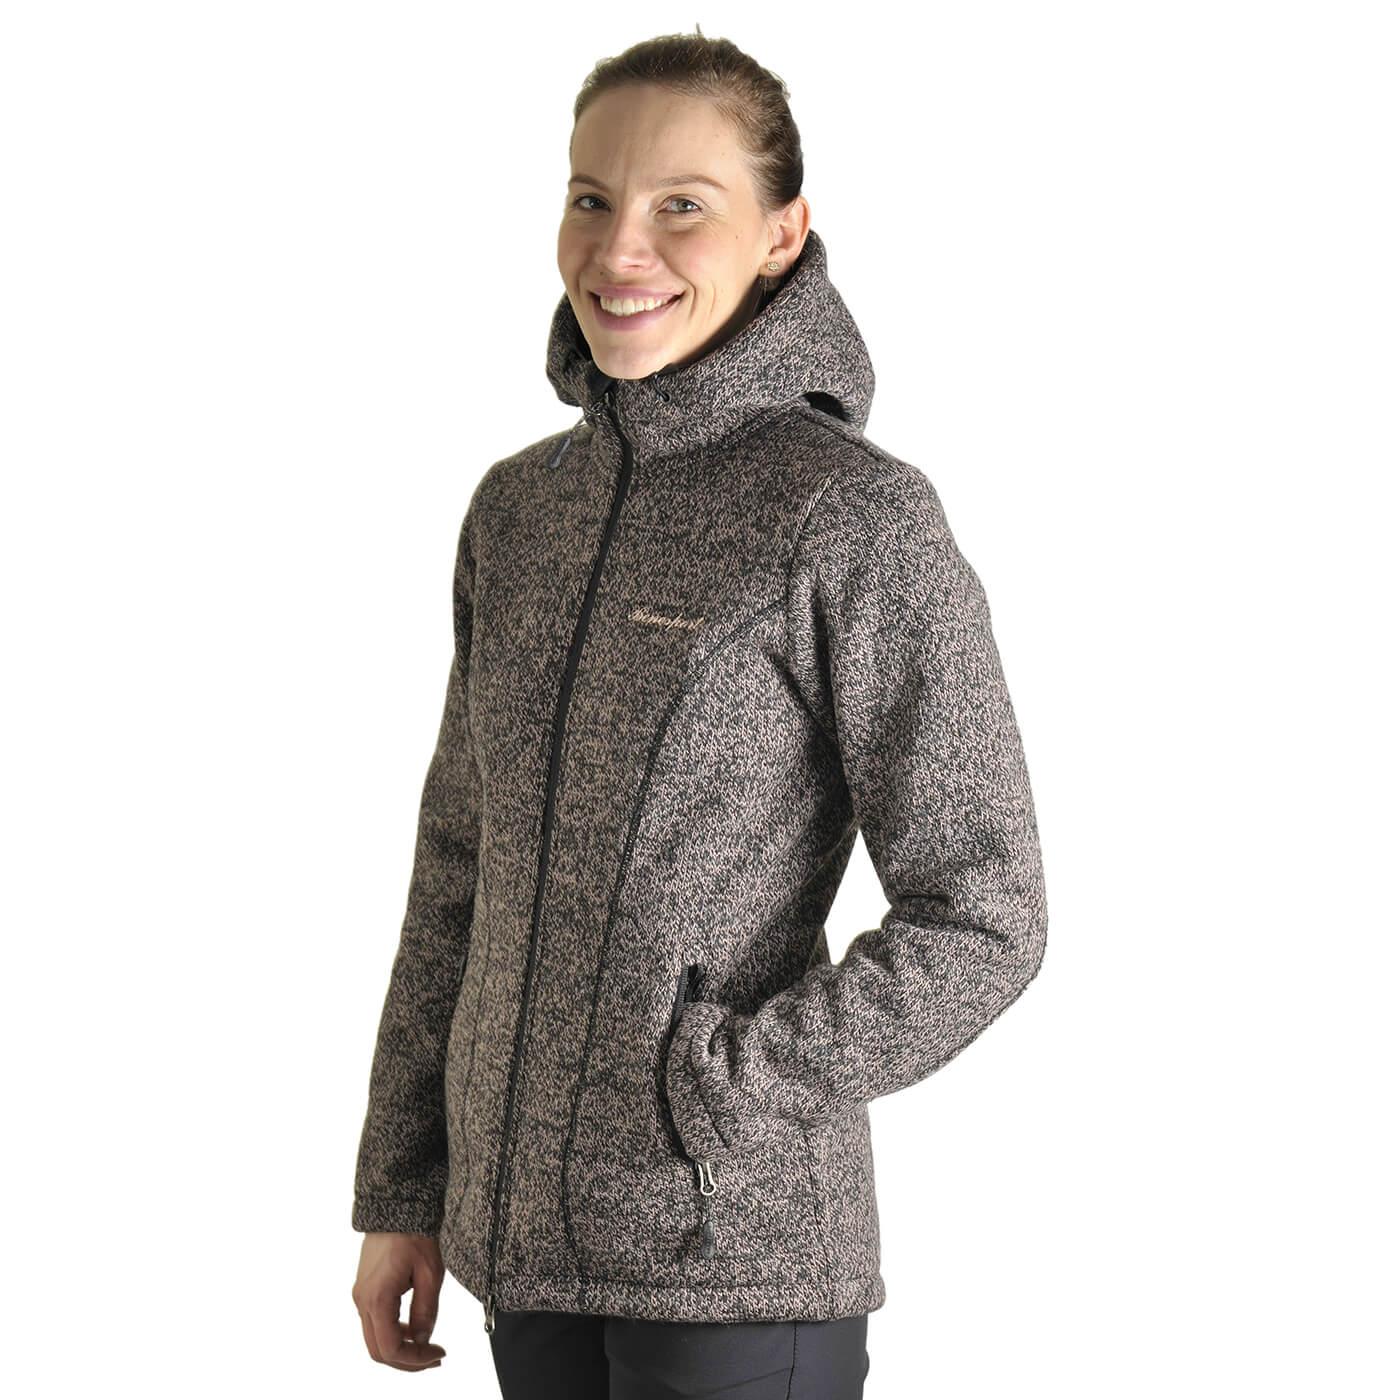 Benesport dámska bunda Kruhová - ružovo-čierna, veľkosť S